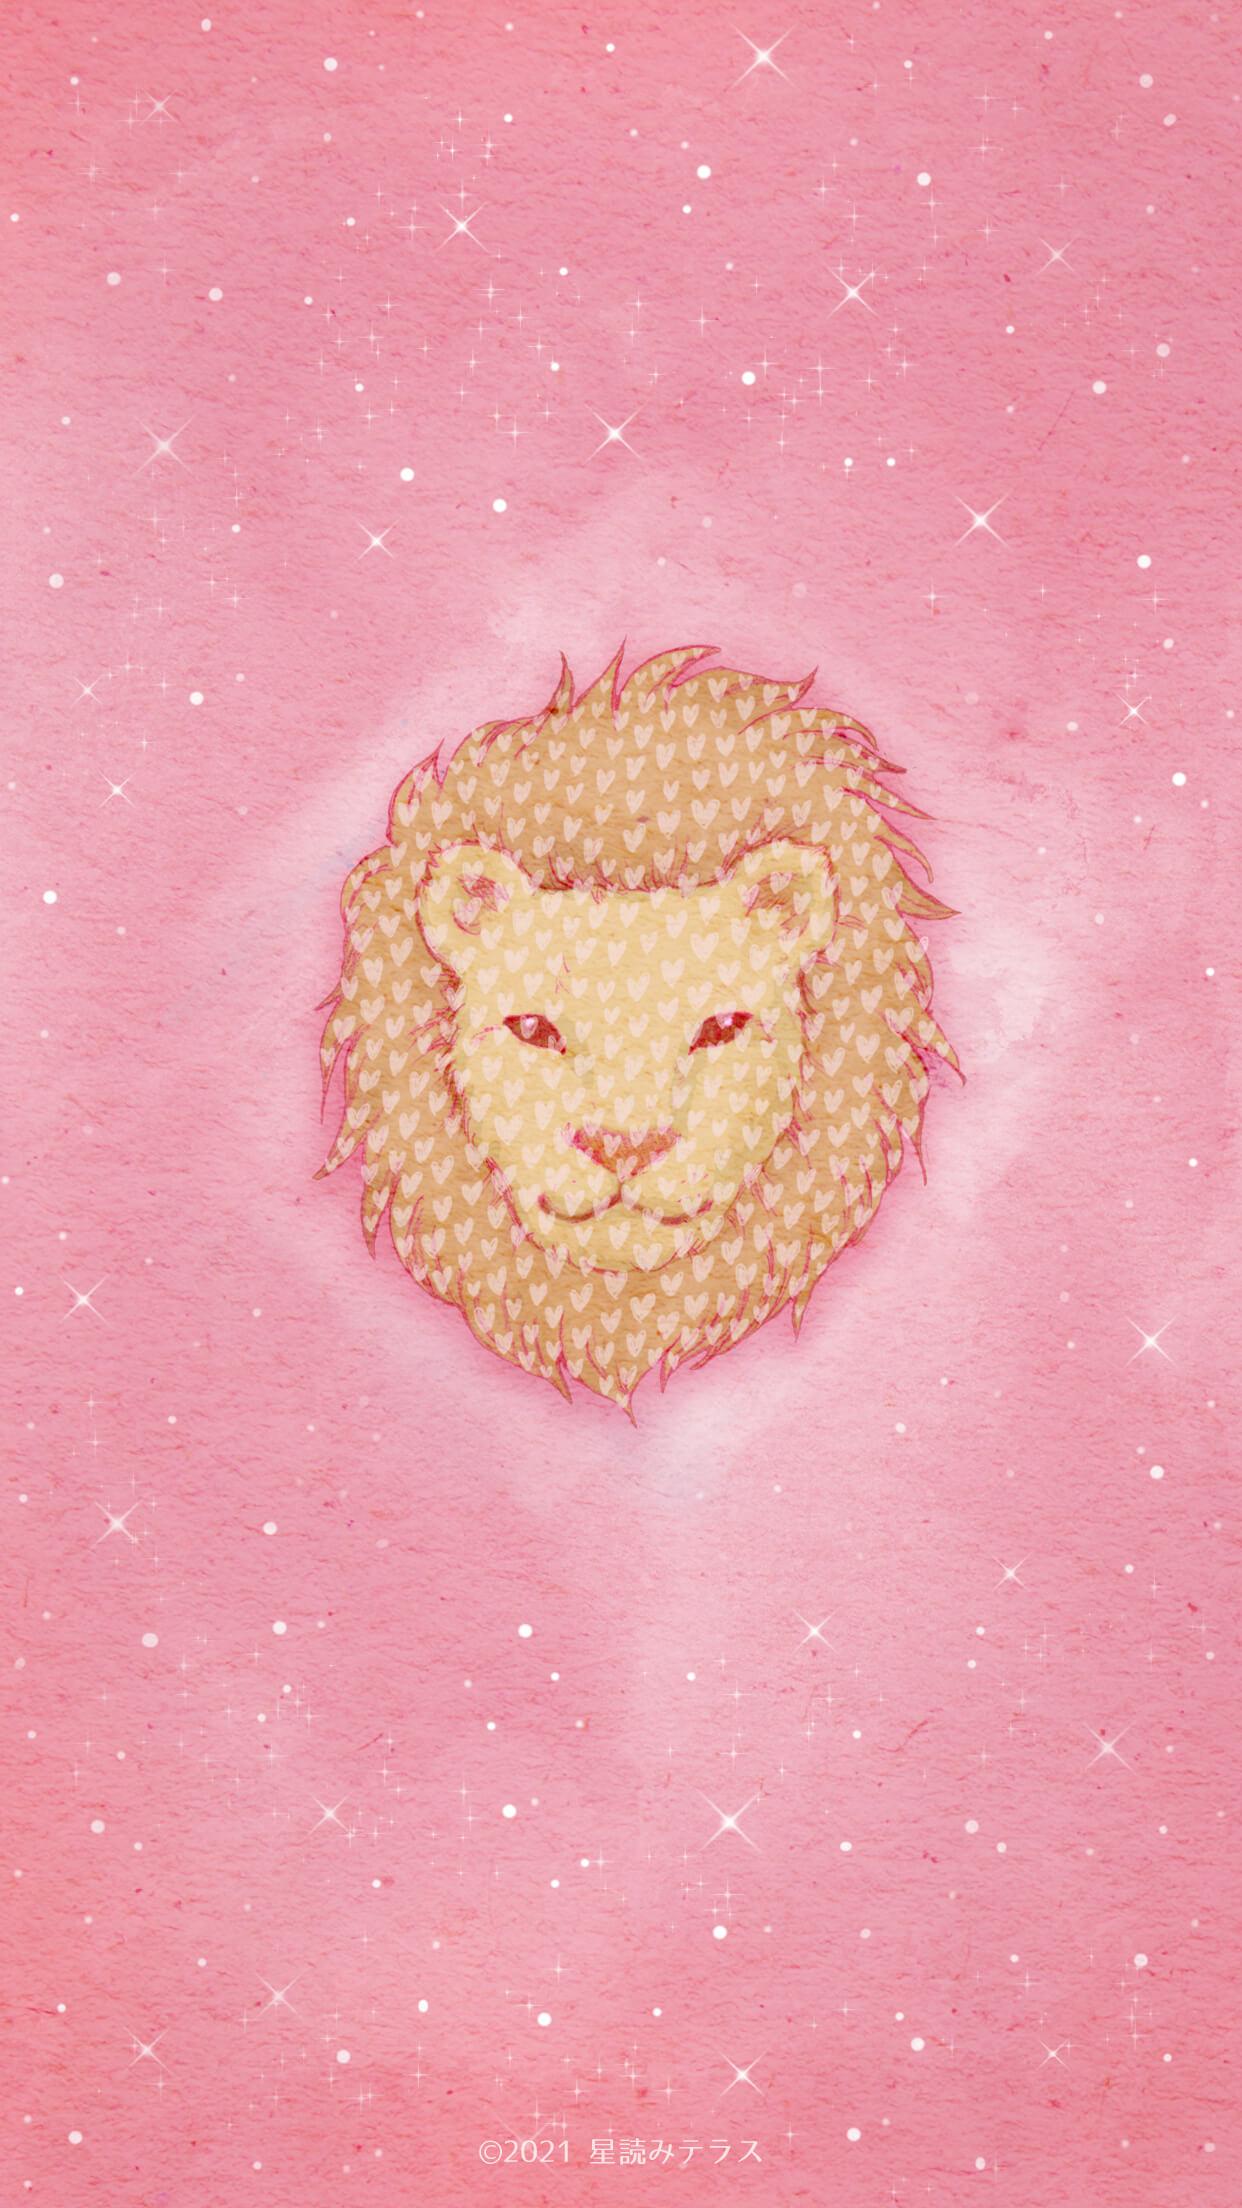 カラー 獅子座 ラッキー